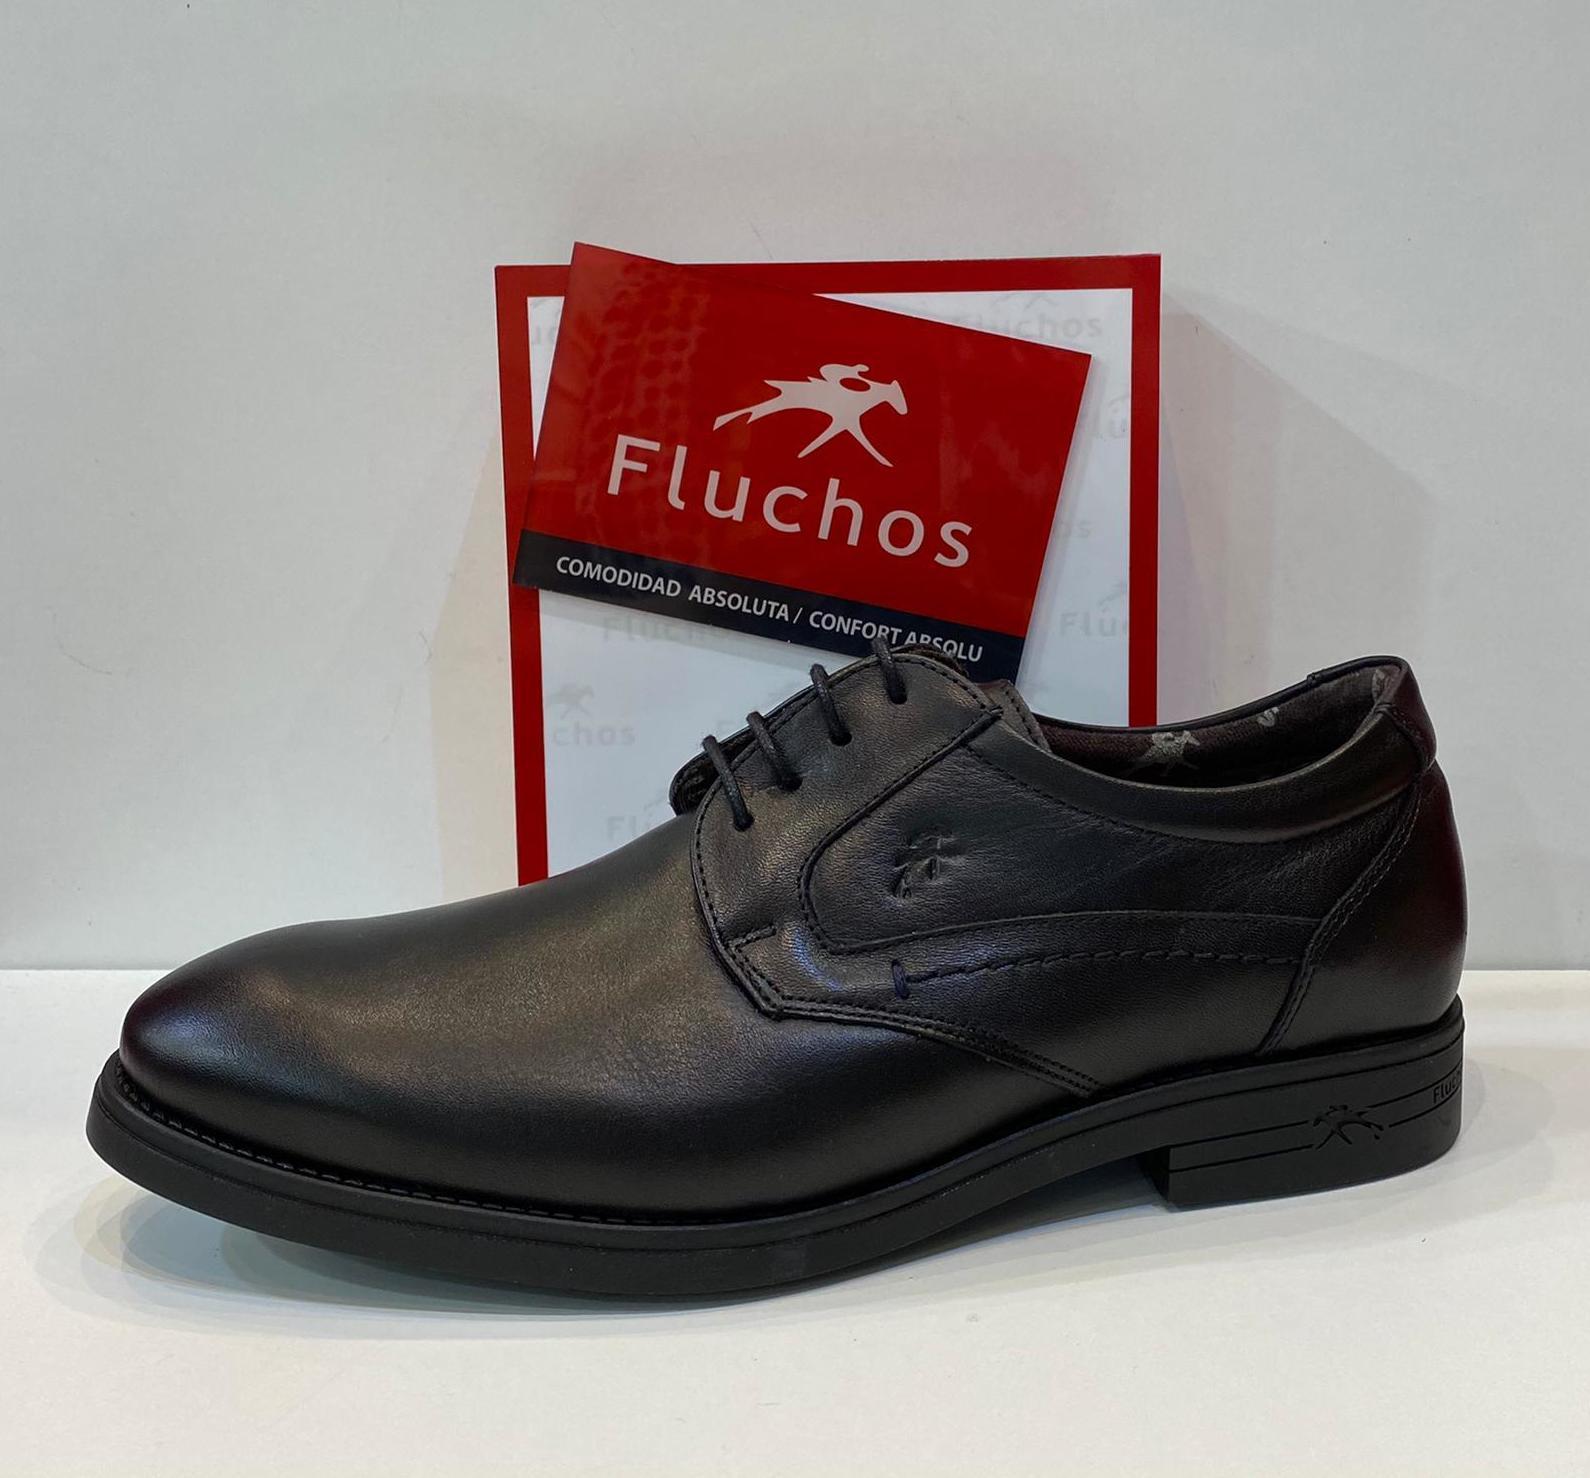 Blucher d'home, de la marca Fluchos, ample especial, plantilla de viscoelàstica, pell molt amorosa, sola de làtex amb càmeras d'aire 95€